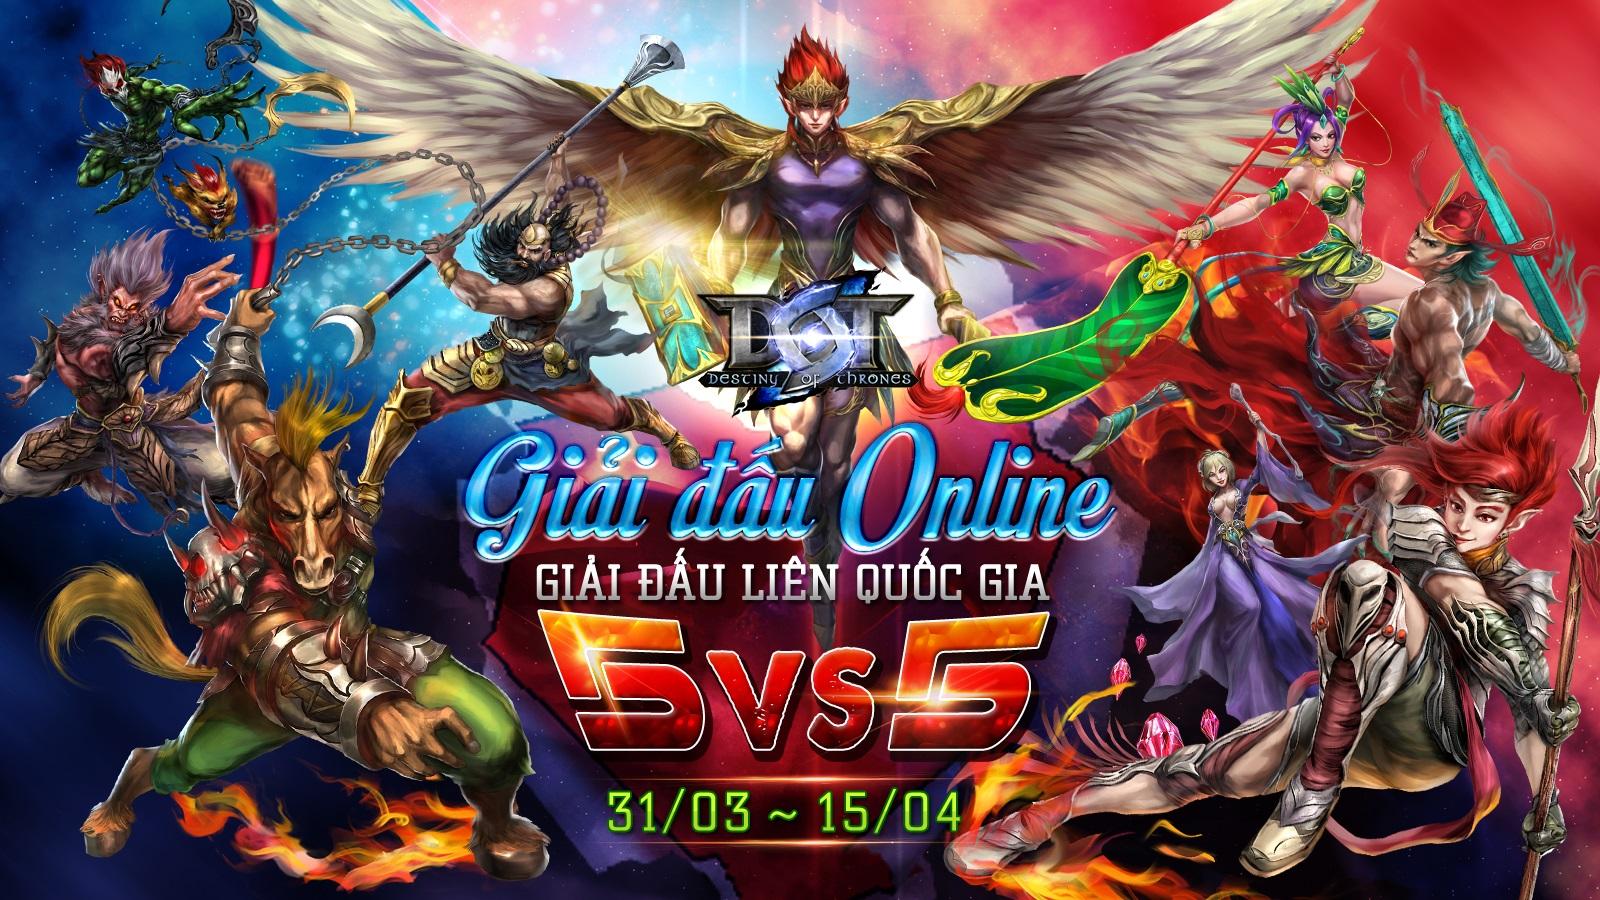 Tưng bừng chào đón giải đấu DOT - Tournament Online 5vs5